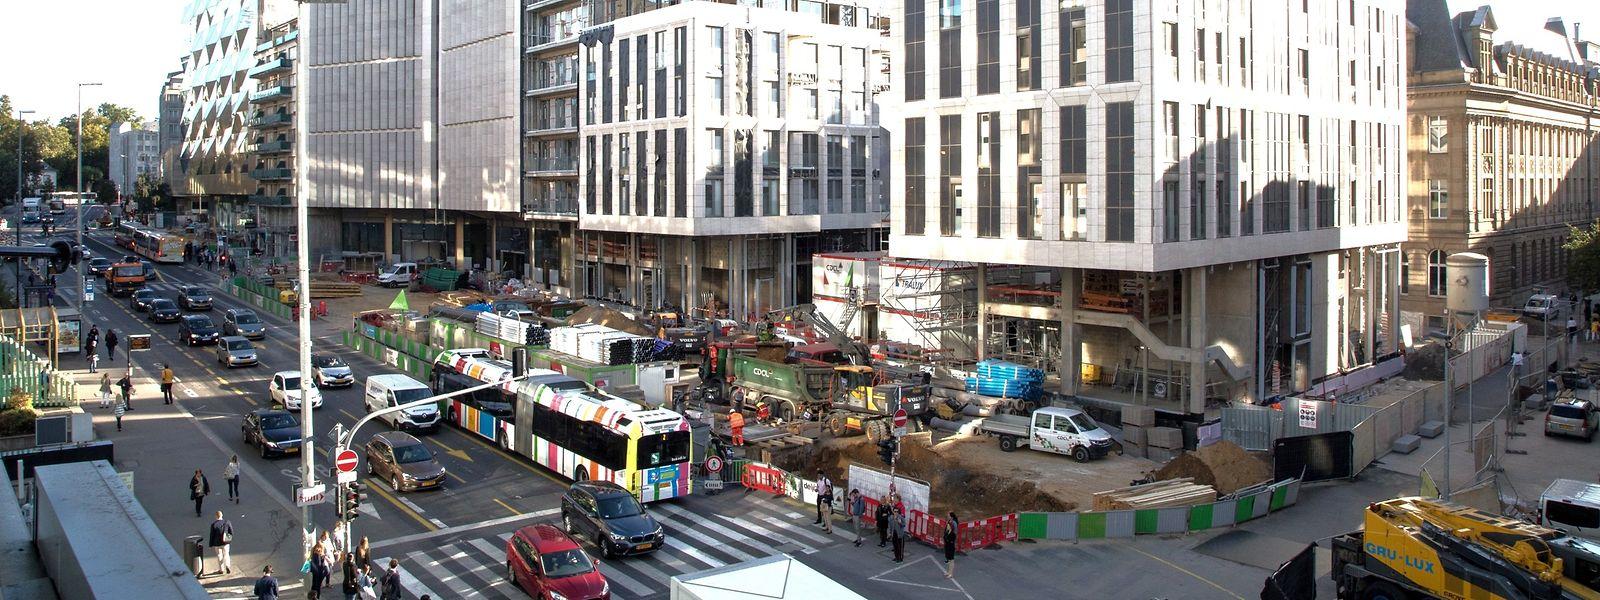 Les équipes de Luxtram devaient accéder à diverses parcelles du boulevard Hamilius au premier trimestre. Ce n'est toujours pas le cas.